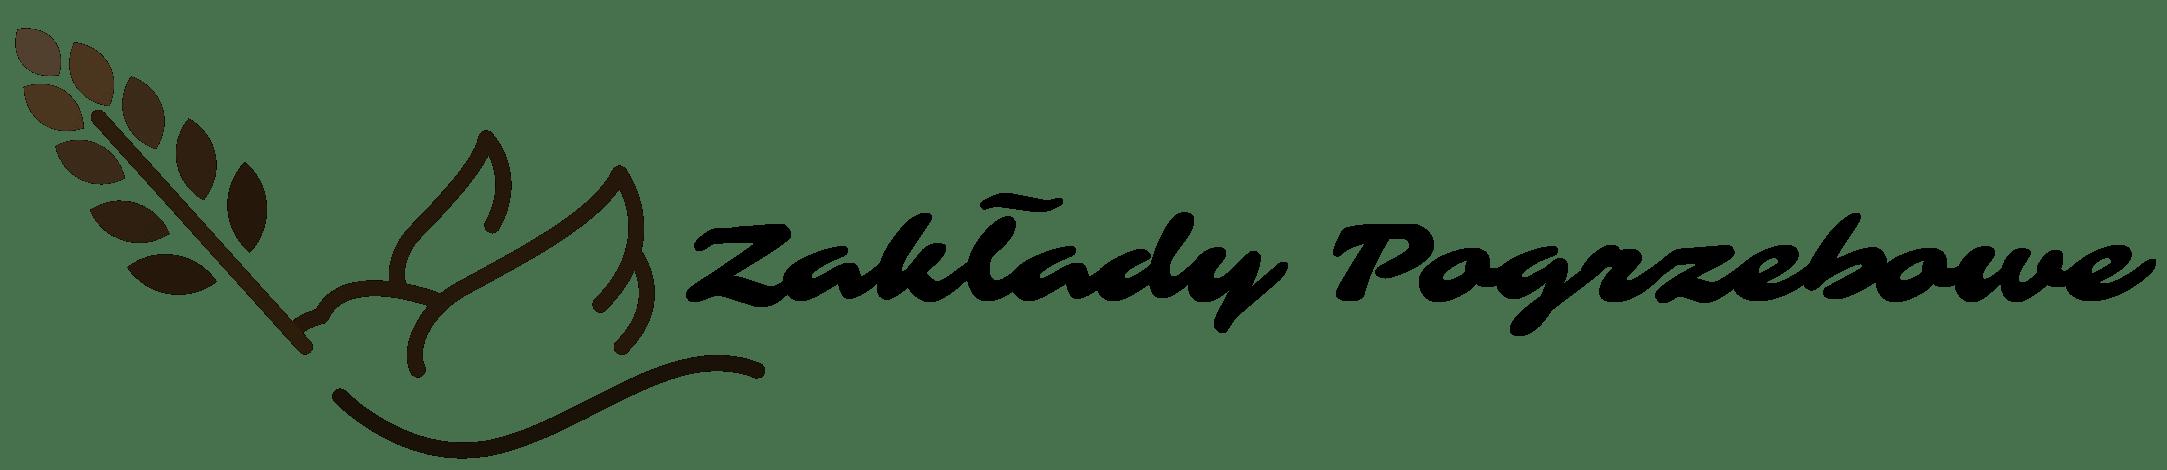 logo zakłady pogrzebowe laur